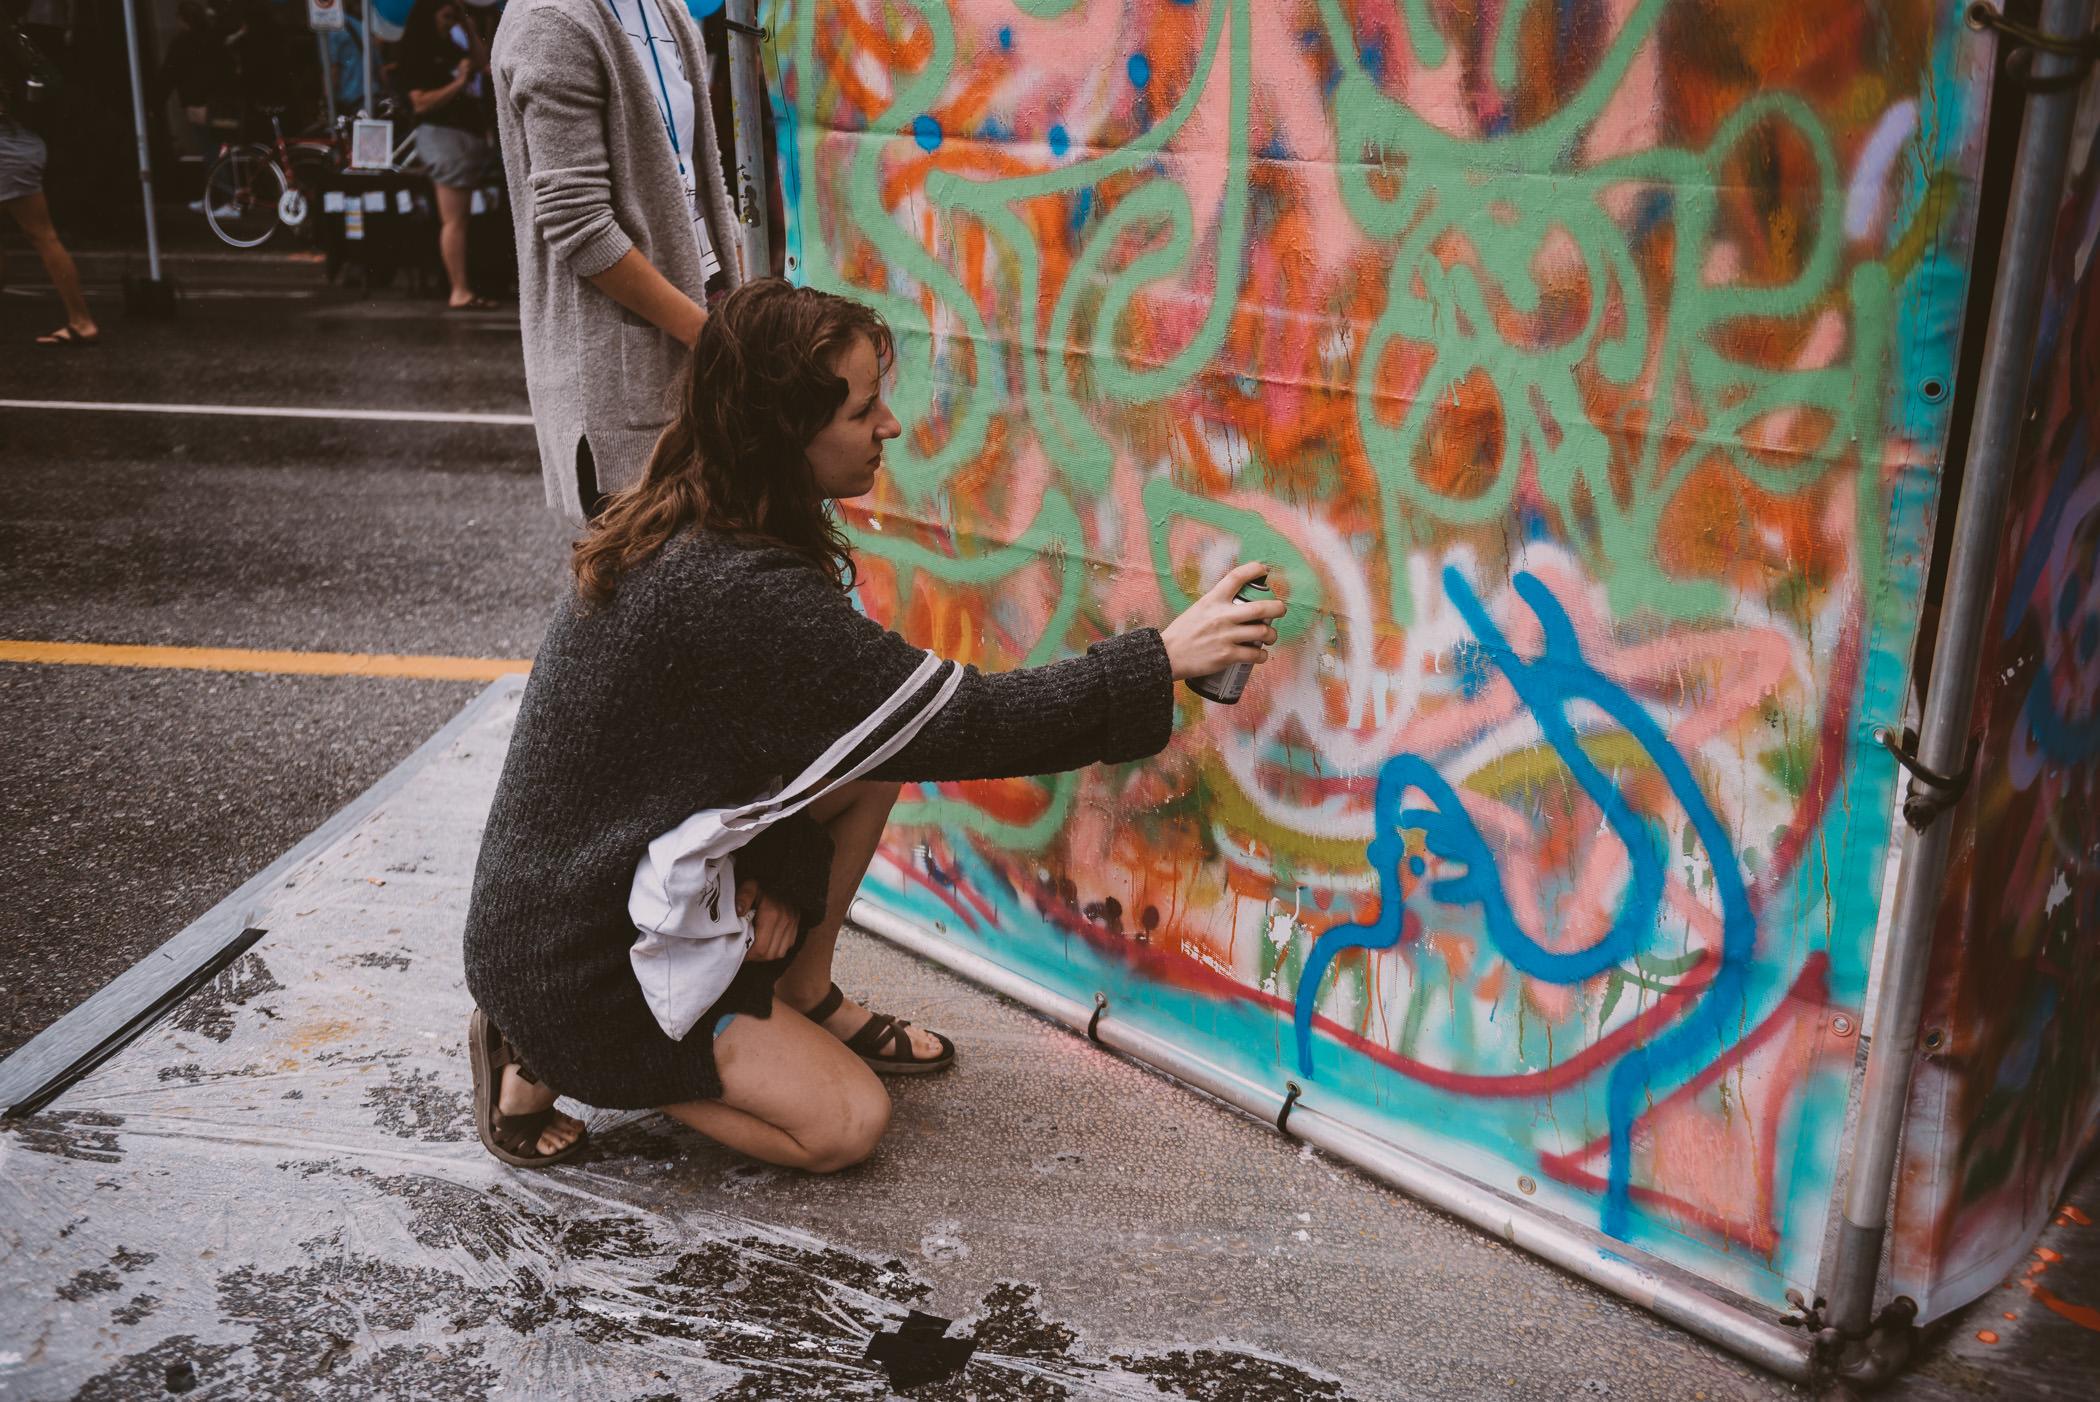 Vancouver_Mural_Fest-Do604-Timothy_Nguyen-20180811-187.jpg